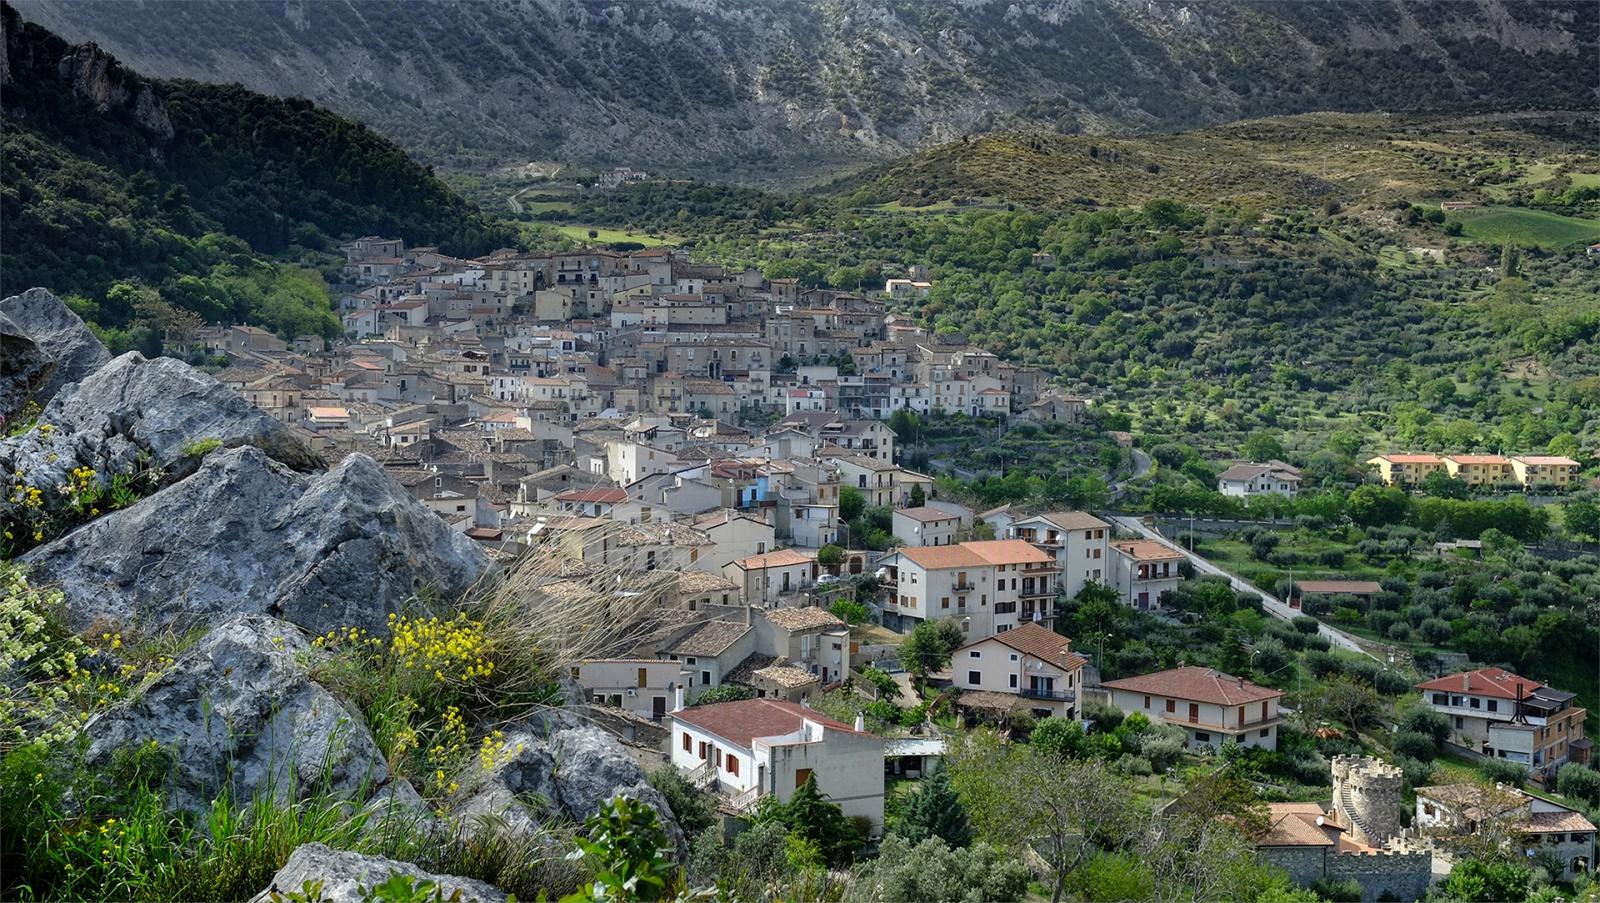 Panorama di Civita, in provincia di Cosenza. © Carla Cantore.